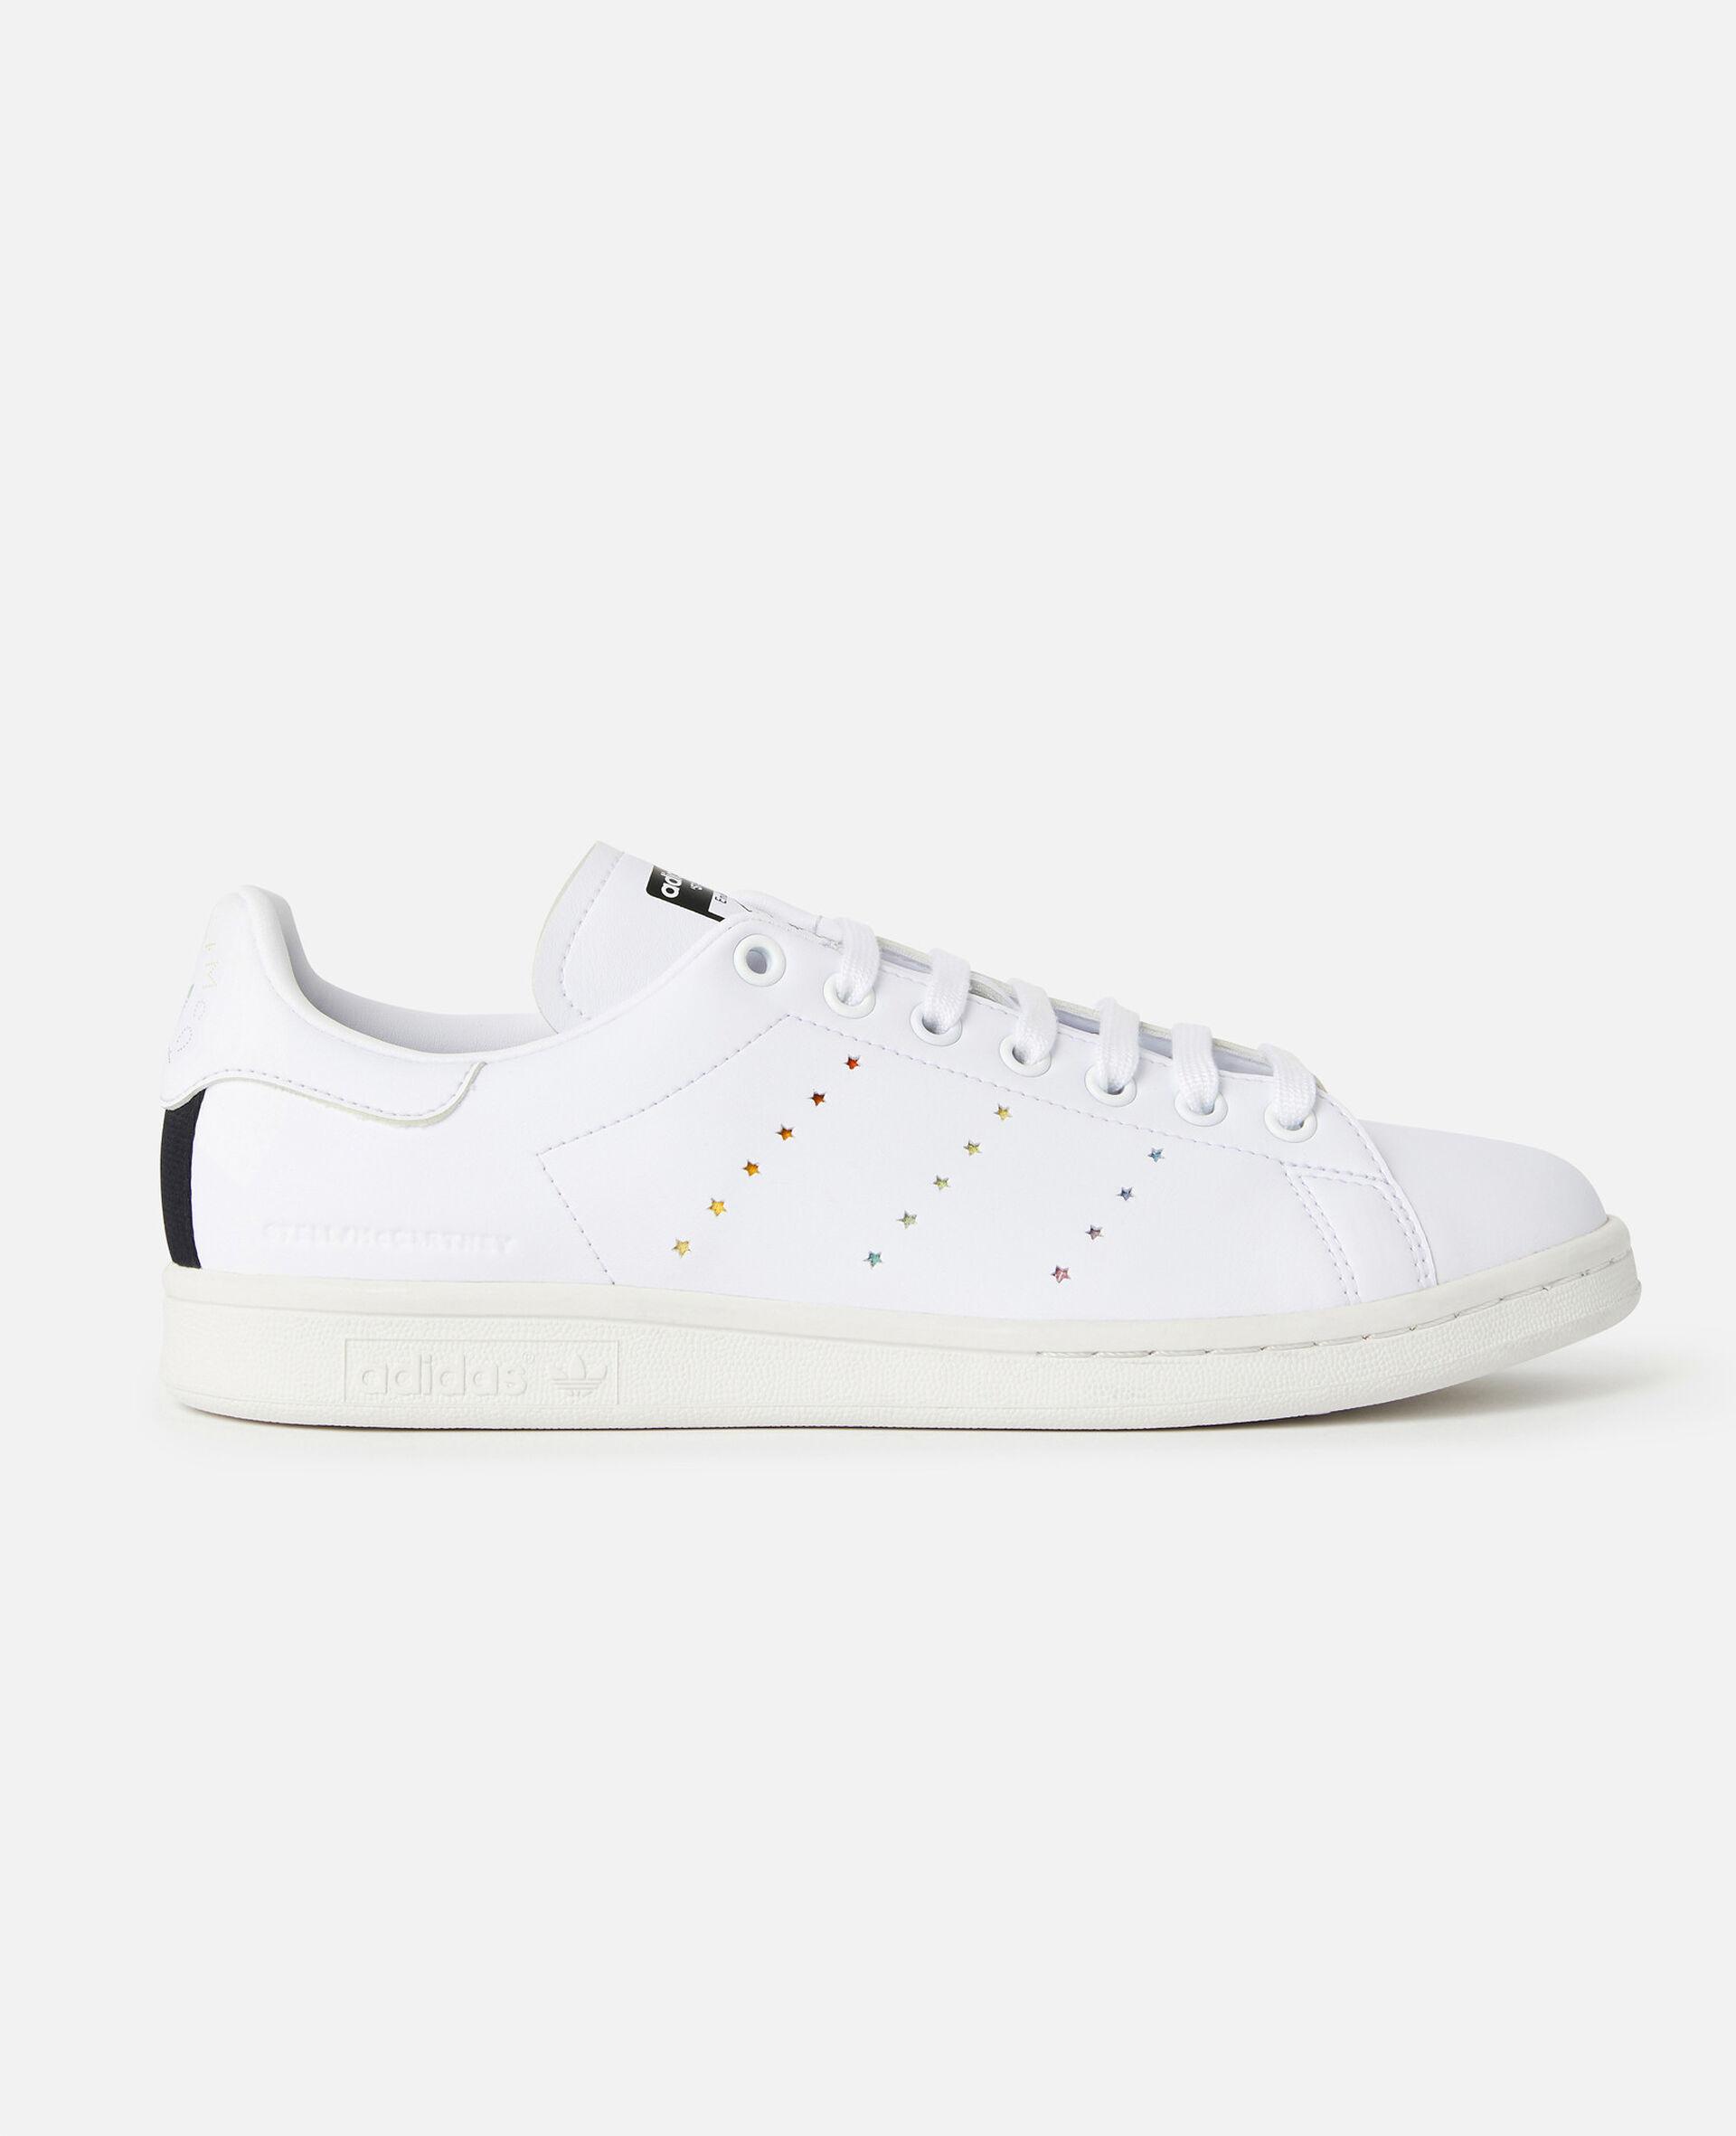 メンズ ステラ #stansmith adidas-ホワイト-large image number 0